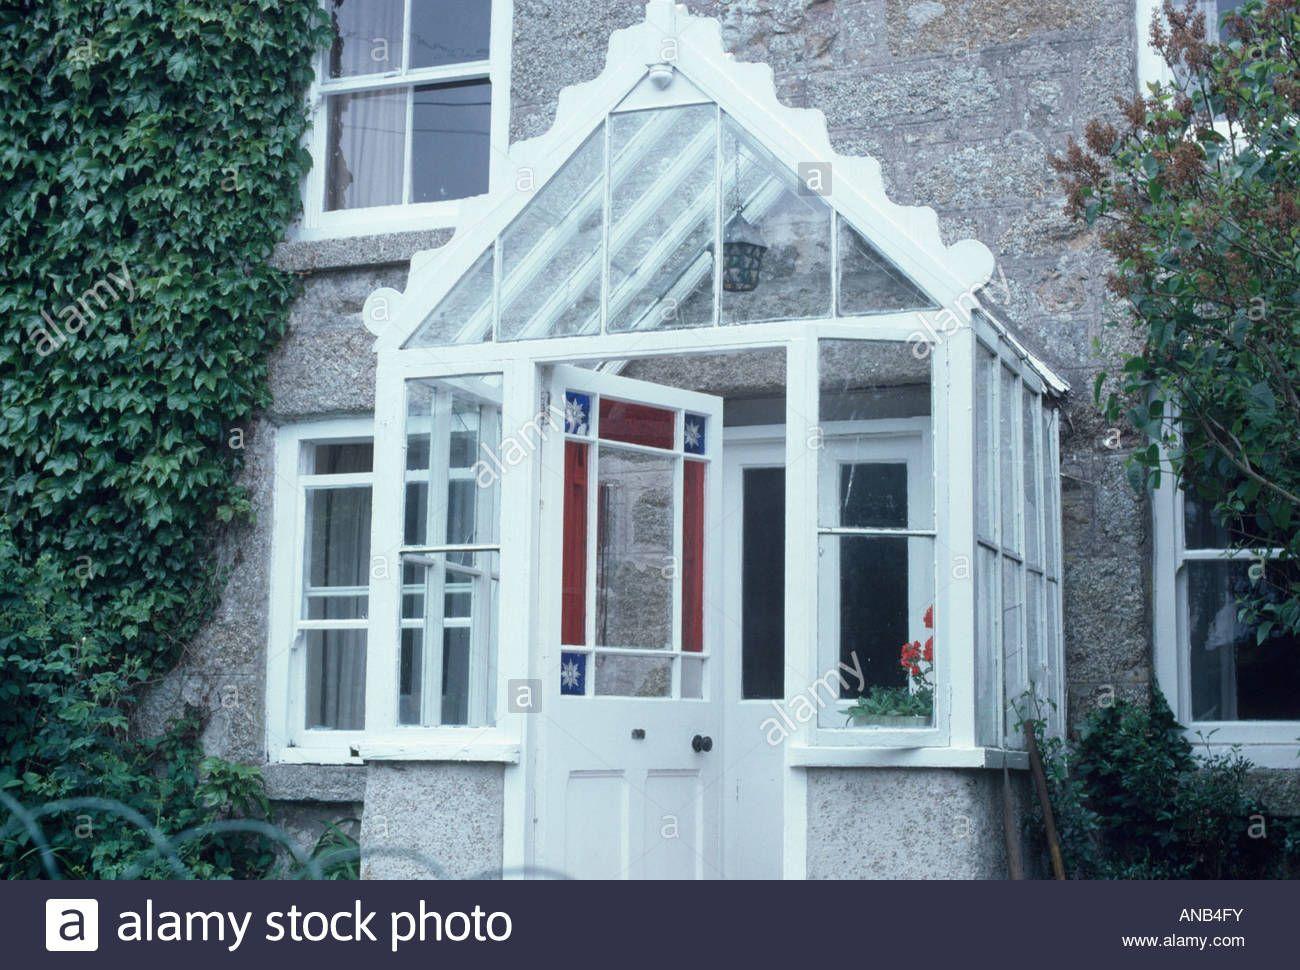 Image Result For Georgian House Glazed Porch Porch Design Glass